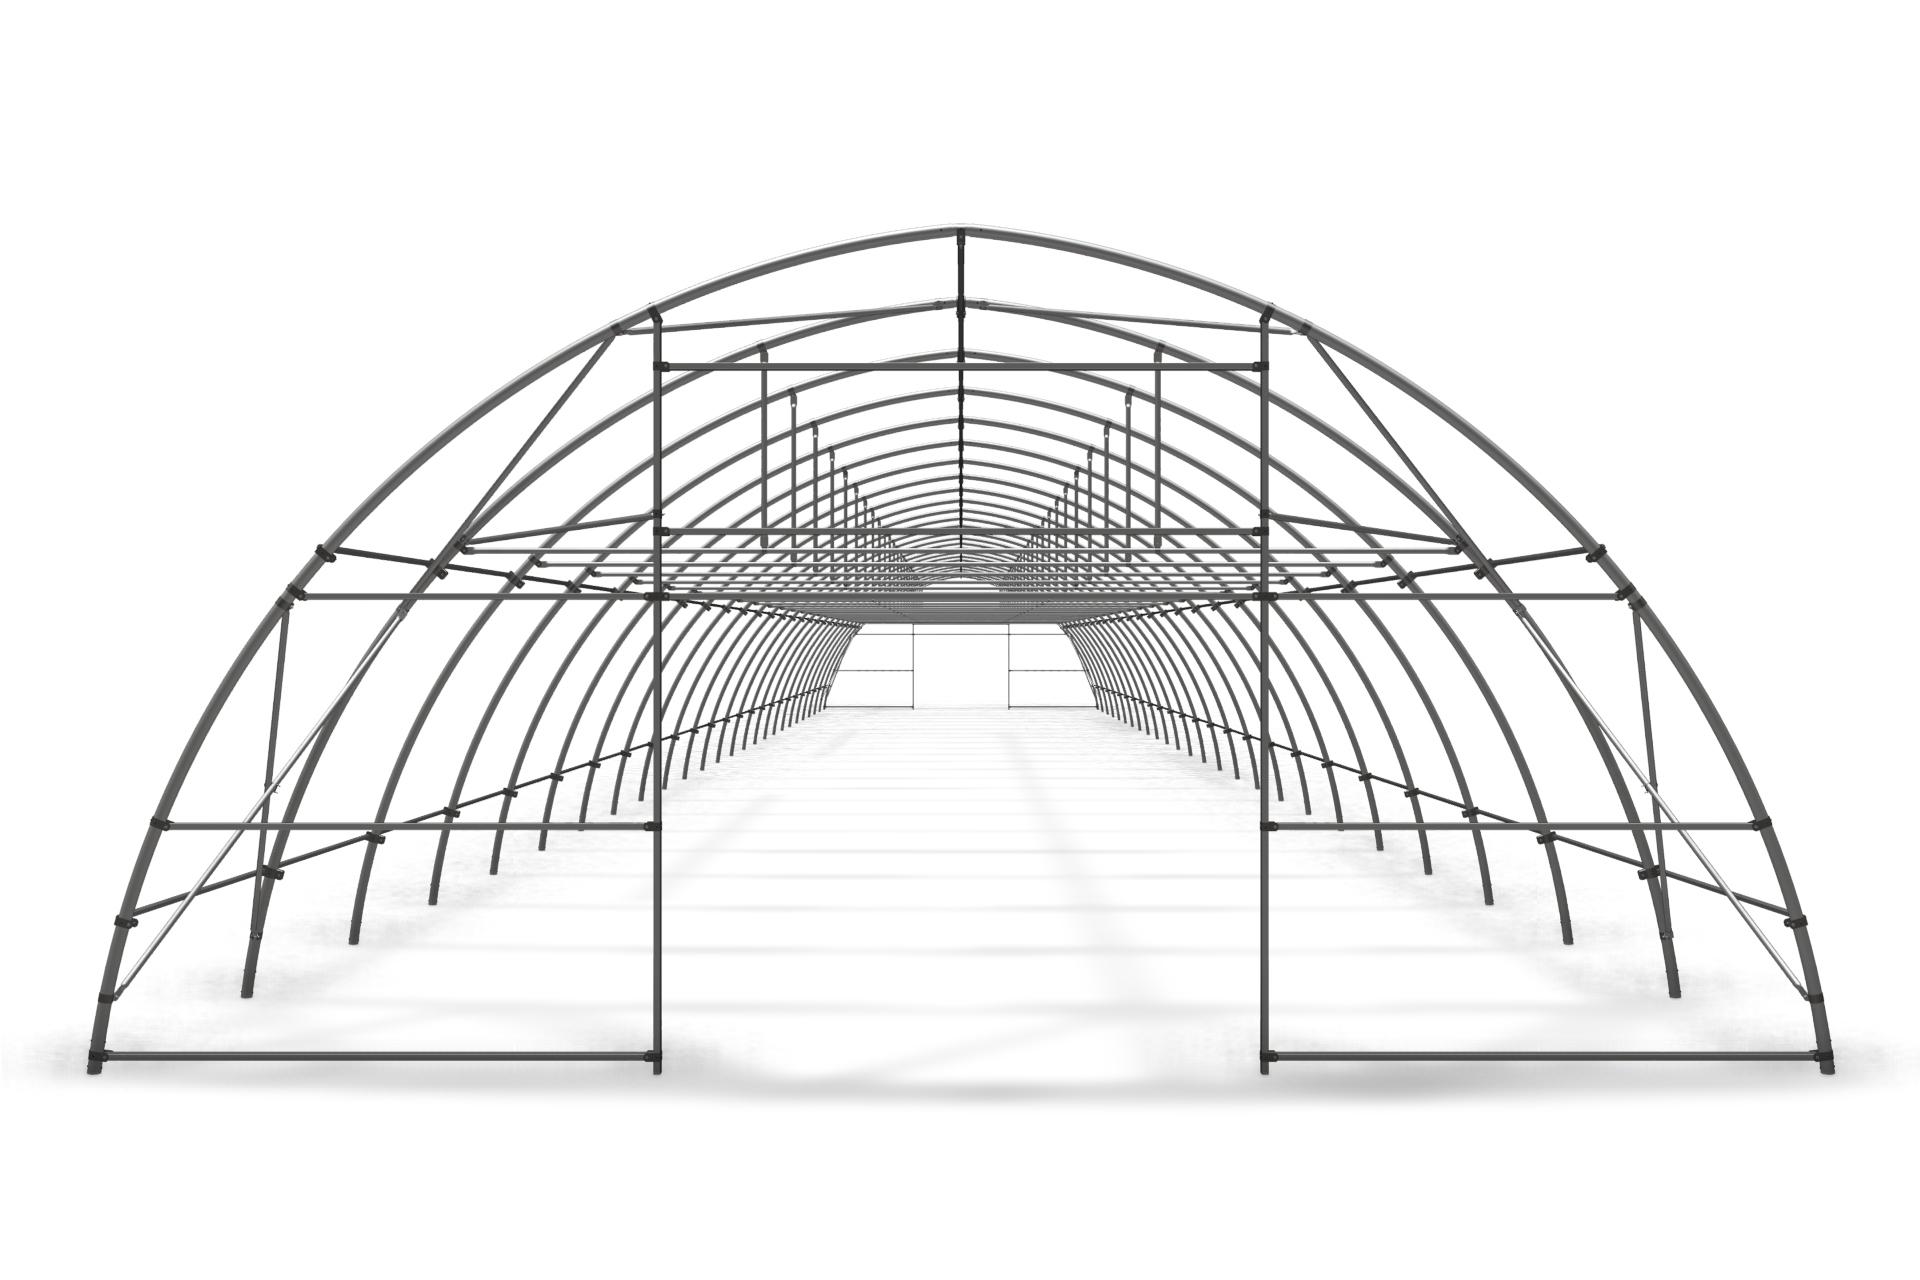 Фермерская теплица туннельная арочная 8,0х4,0 м